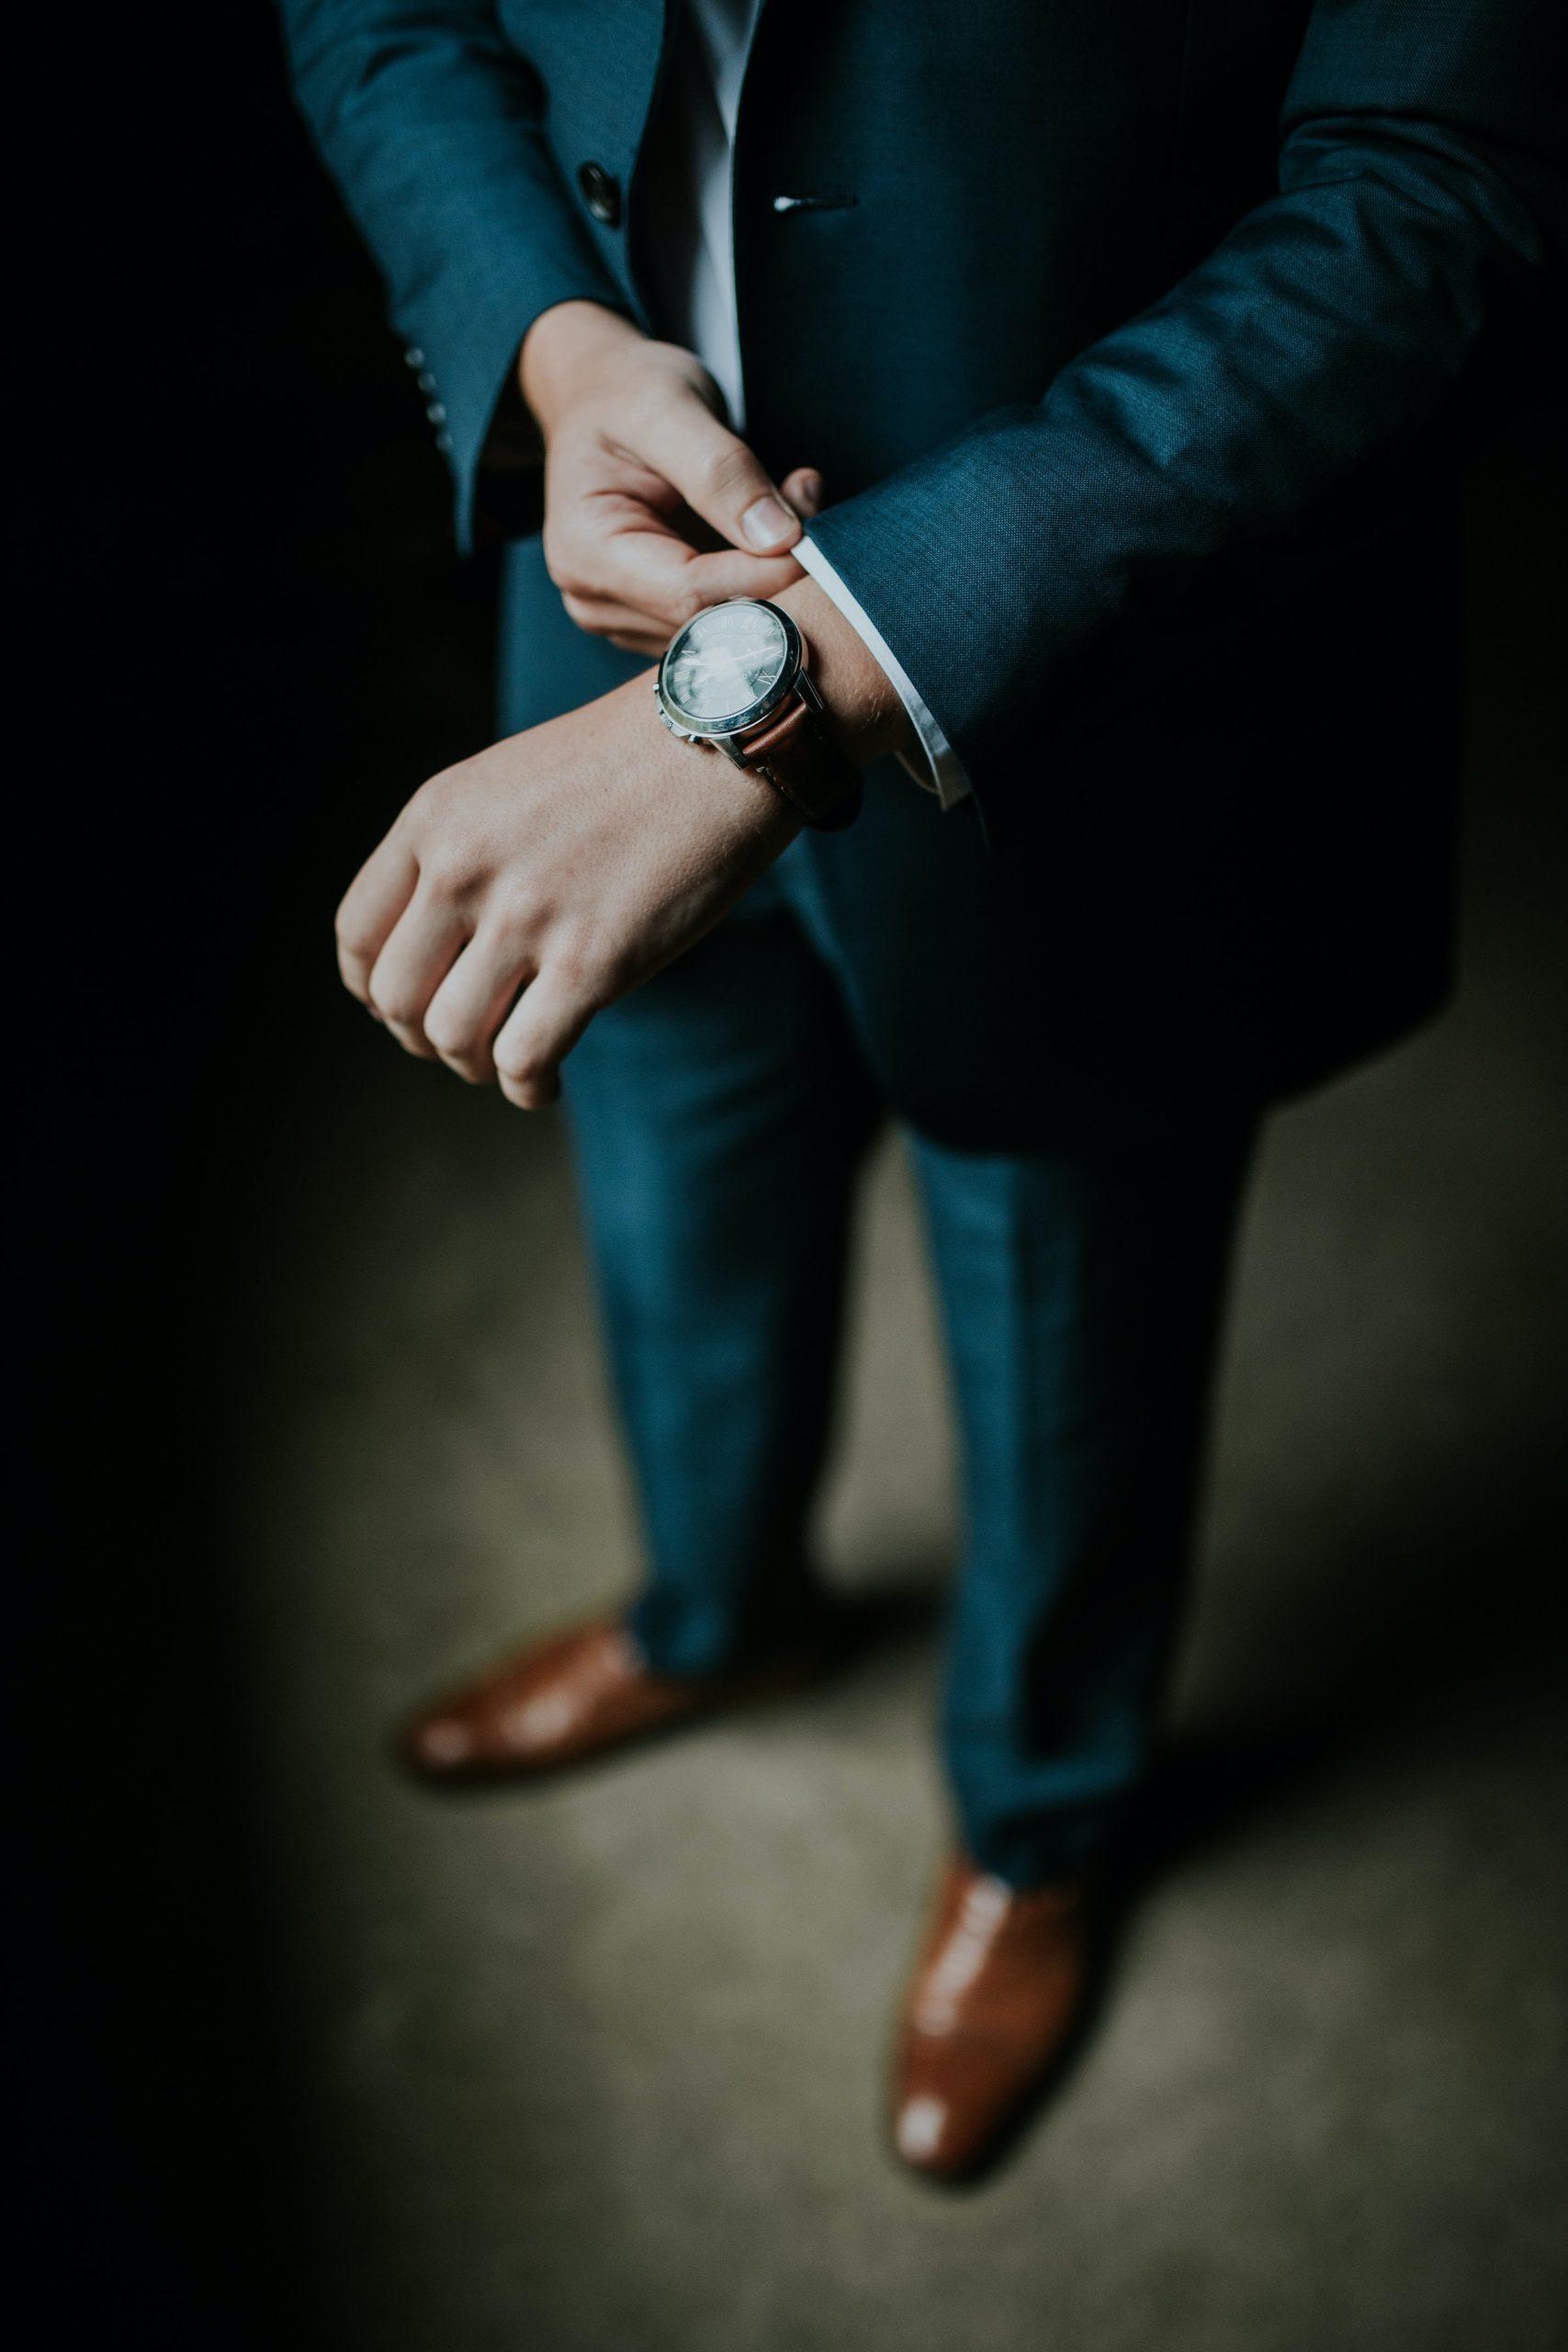 Styl a wiek - moda męska po 40-tce